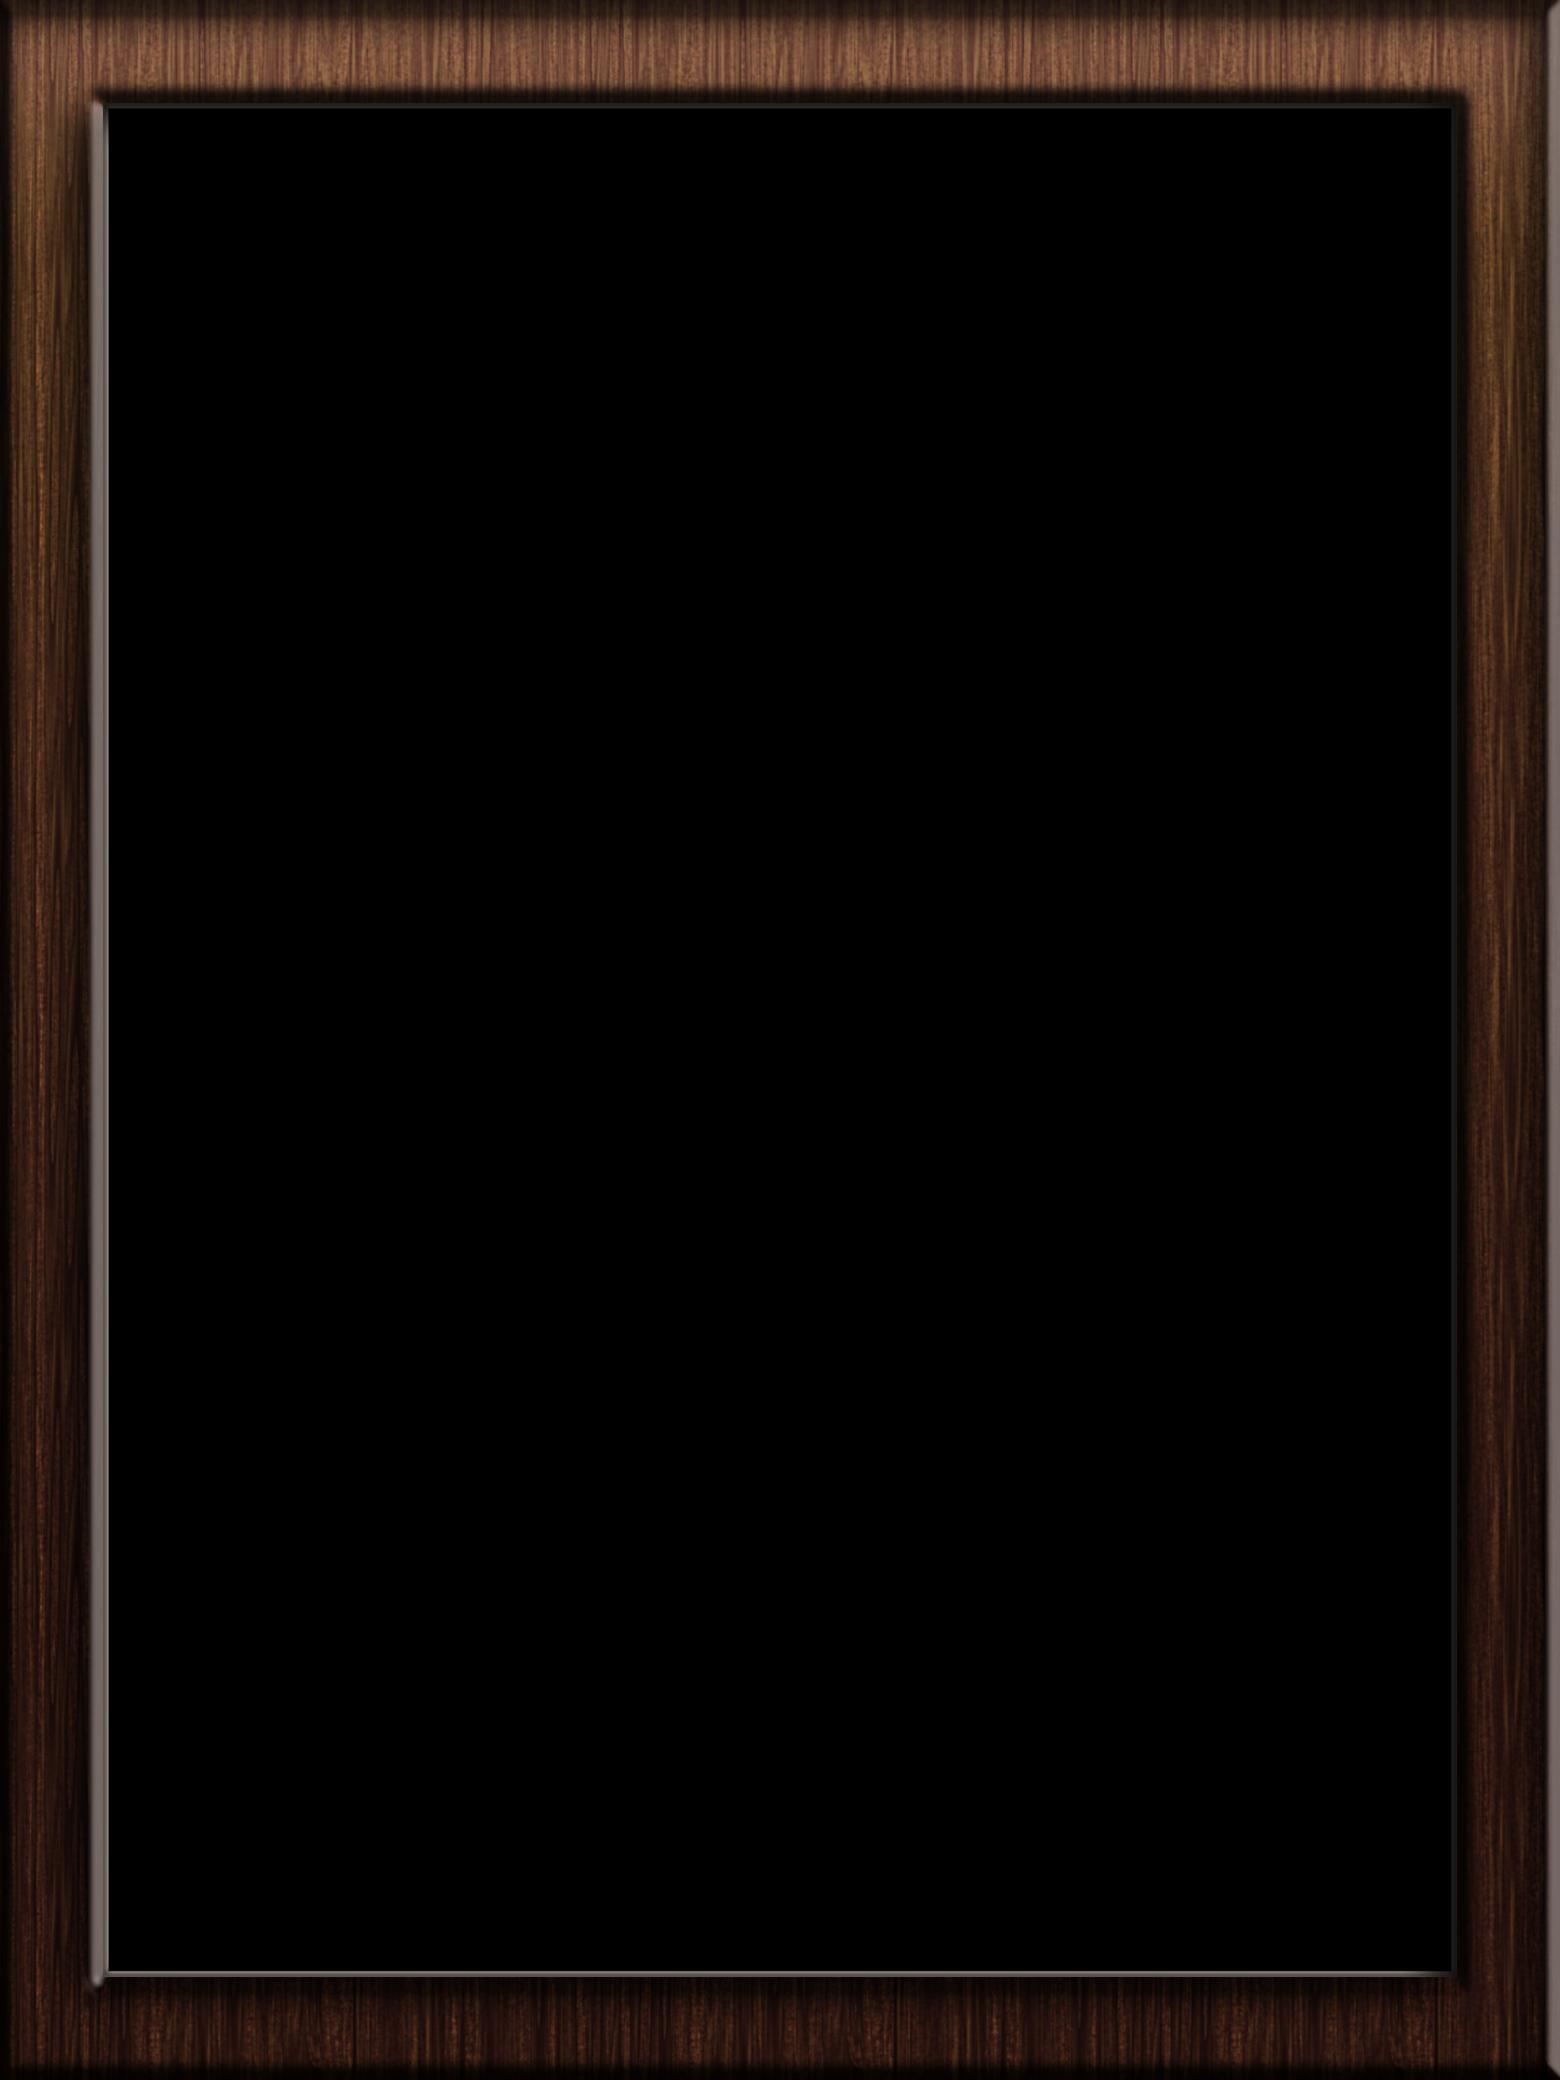 frame-2487285